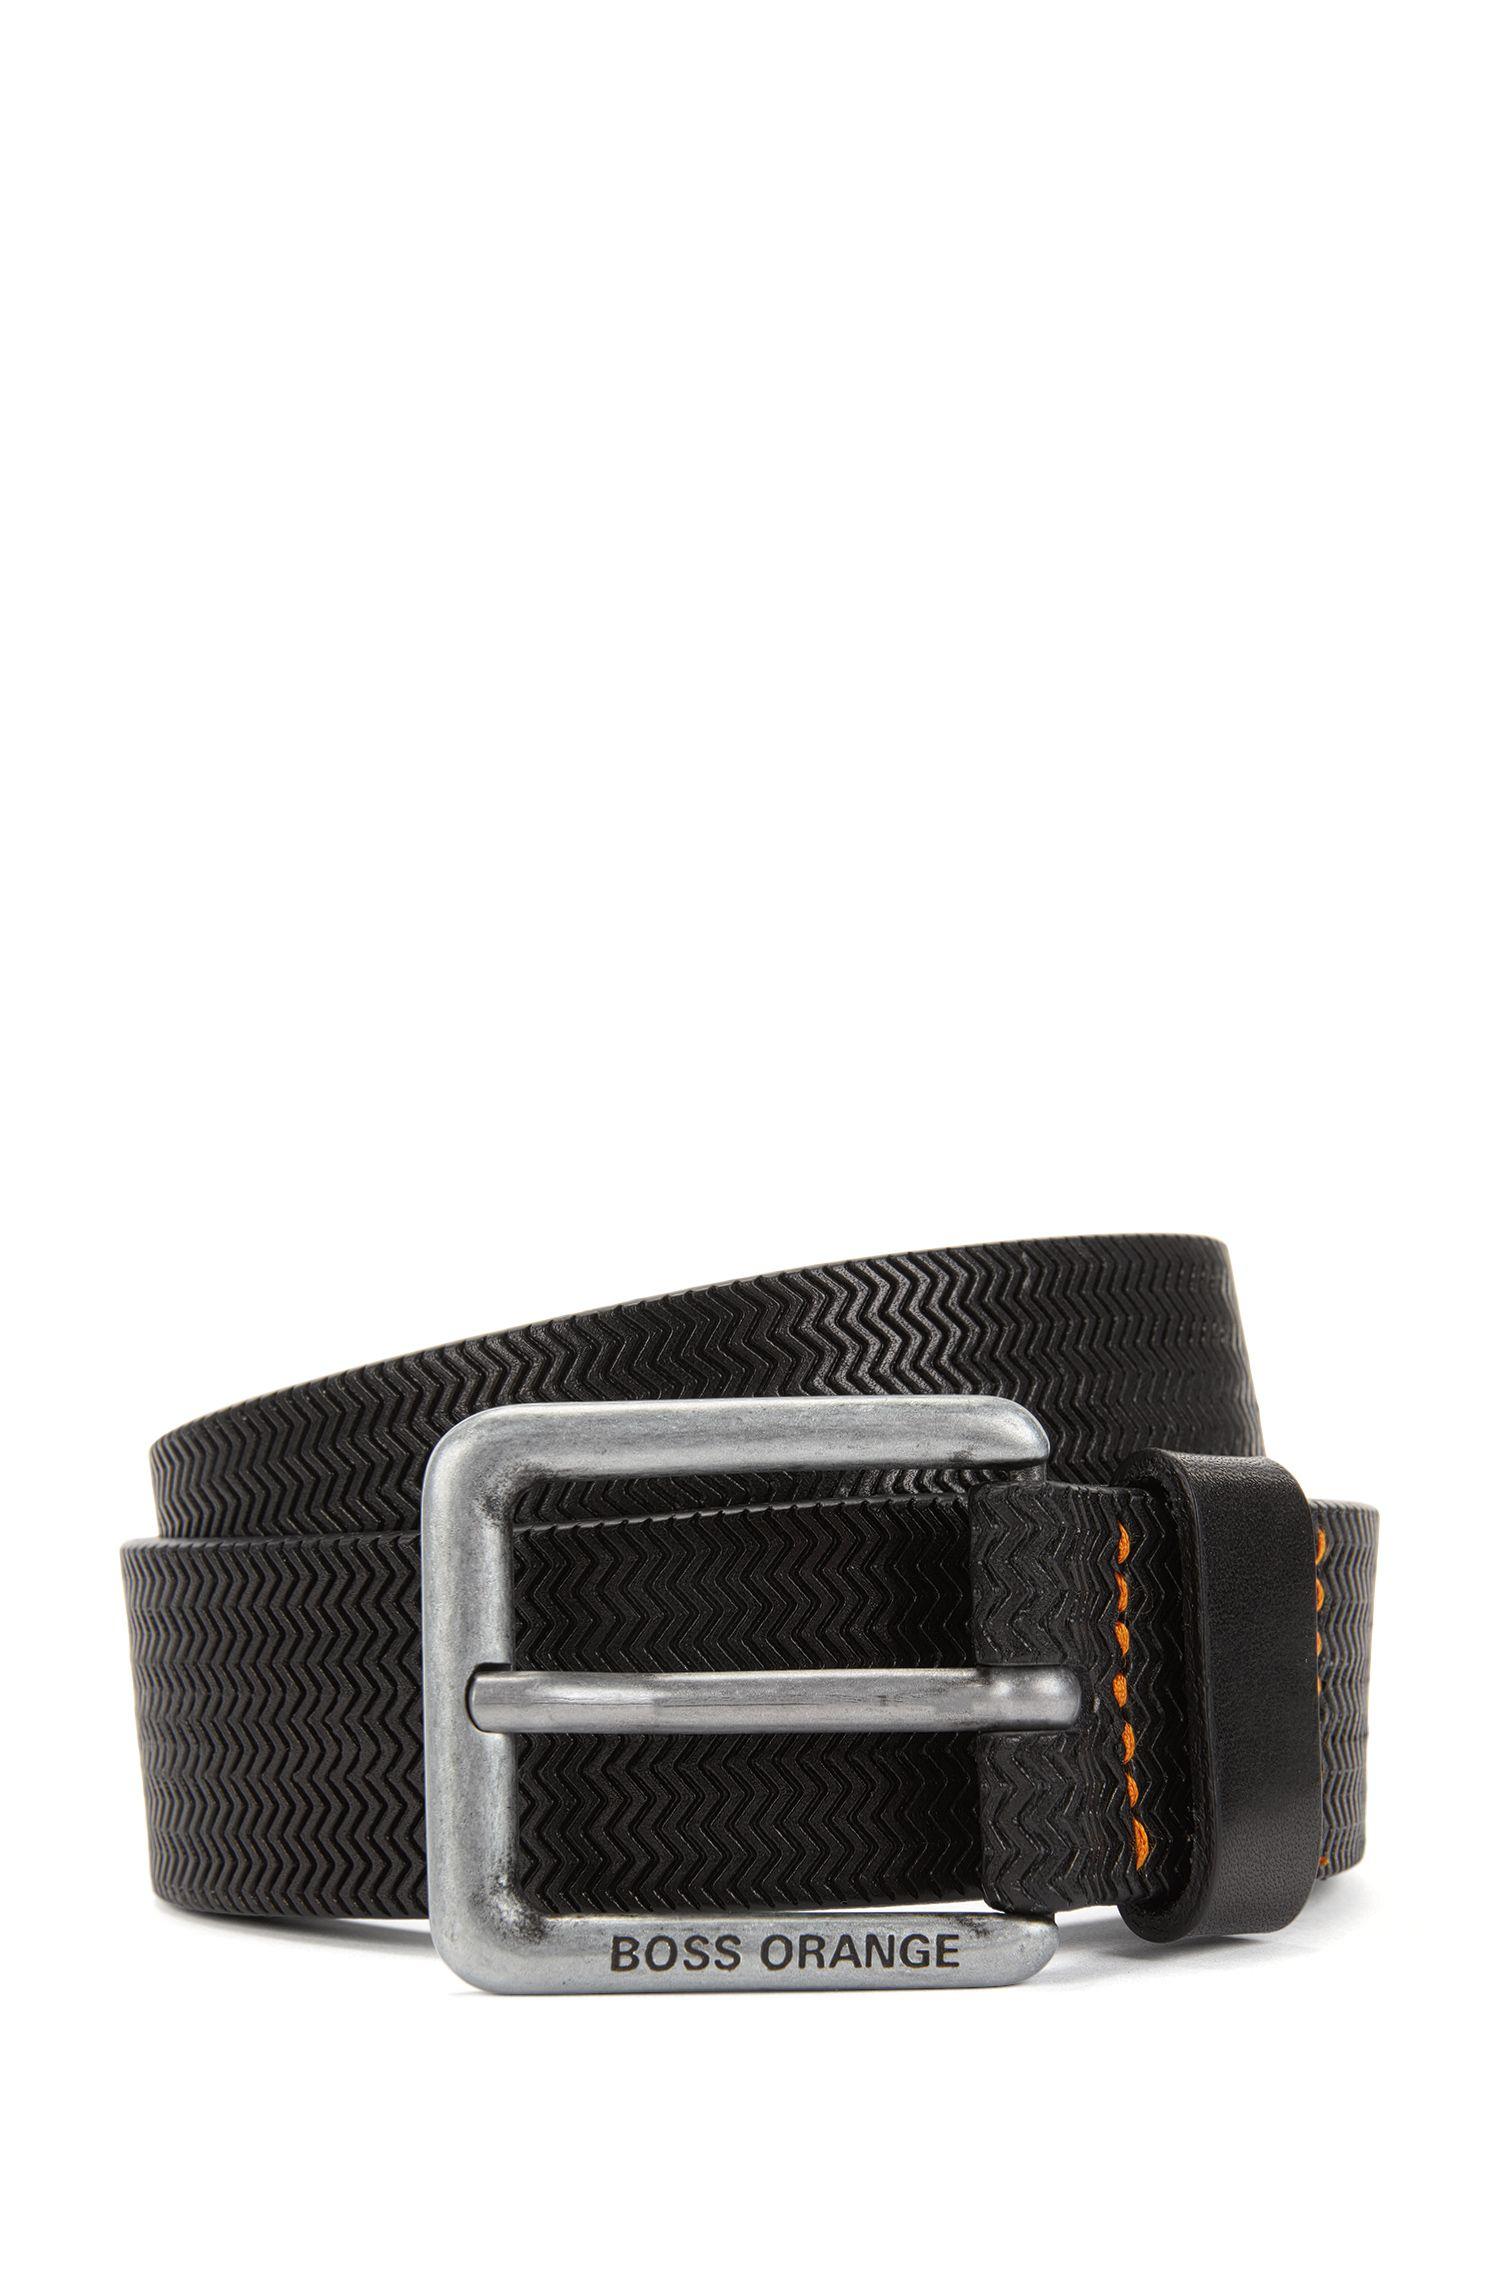 Cinturón con hebilla en piel repujada